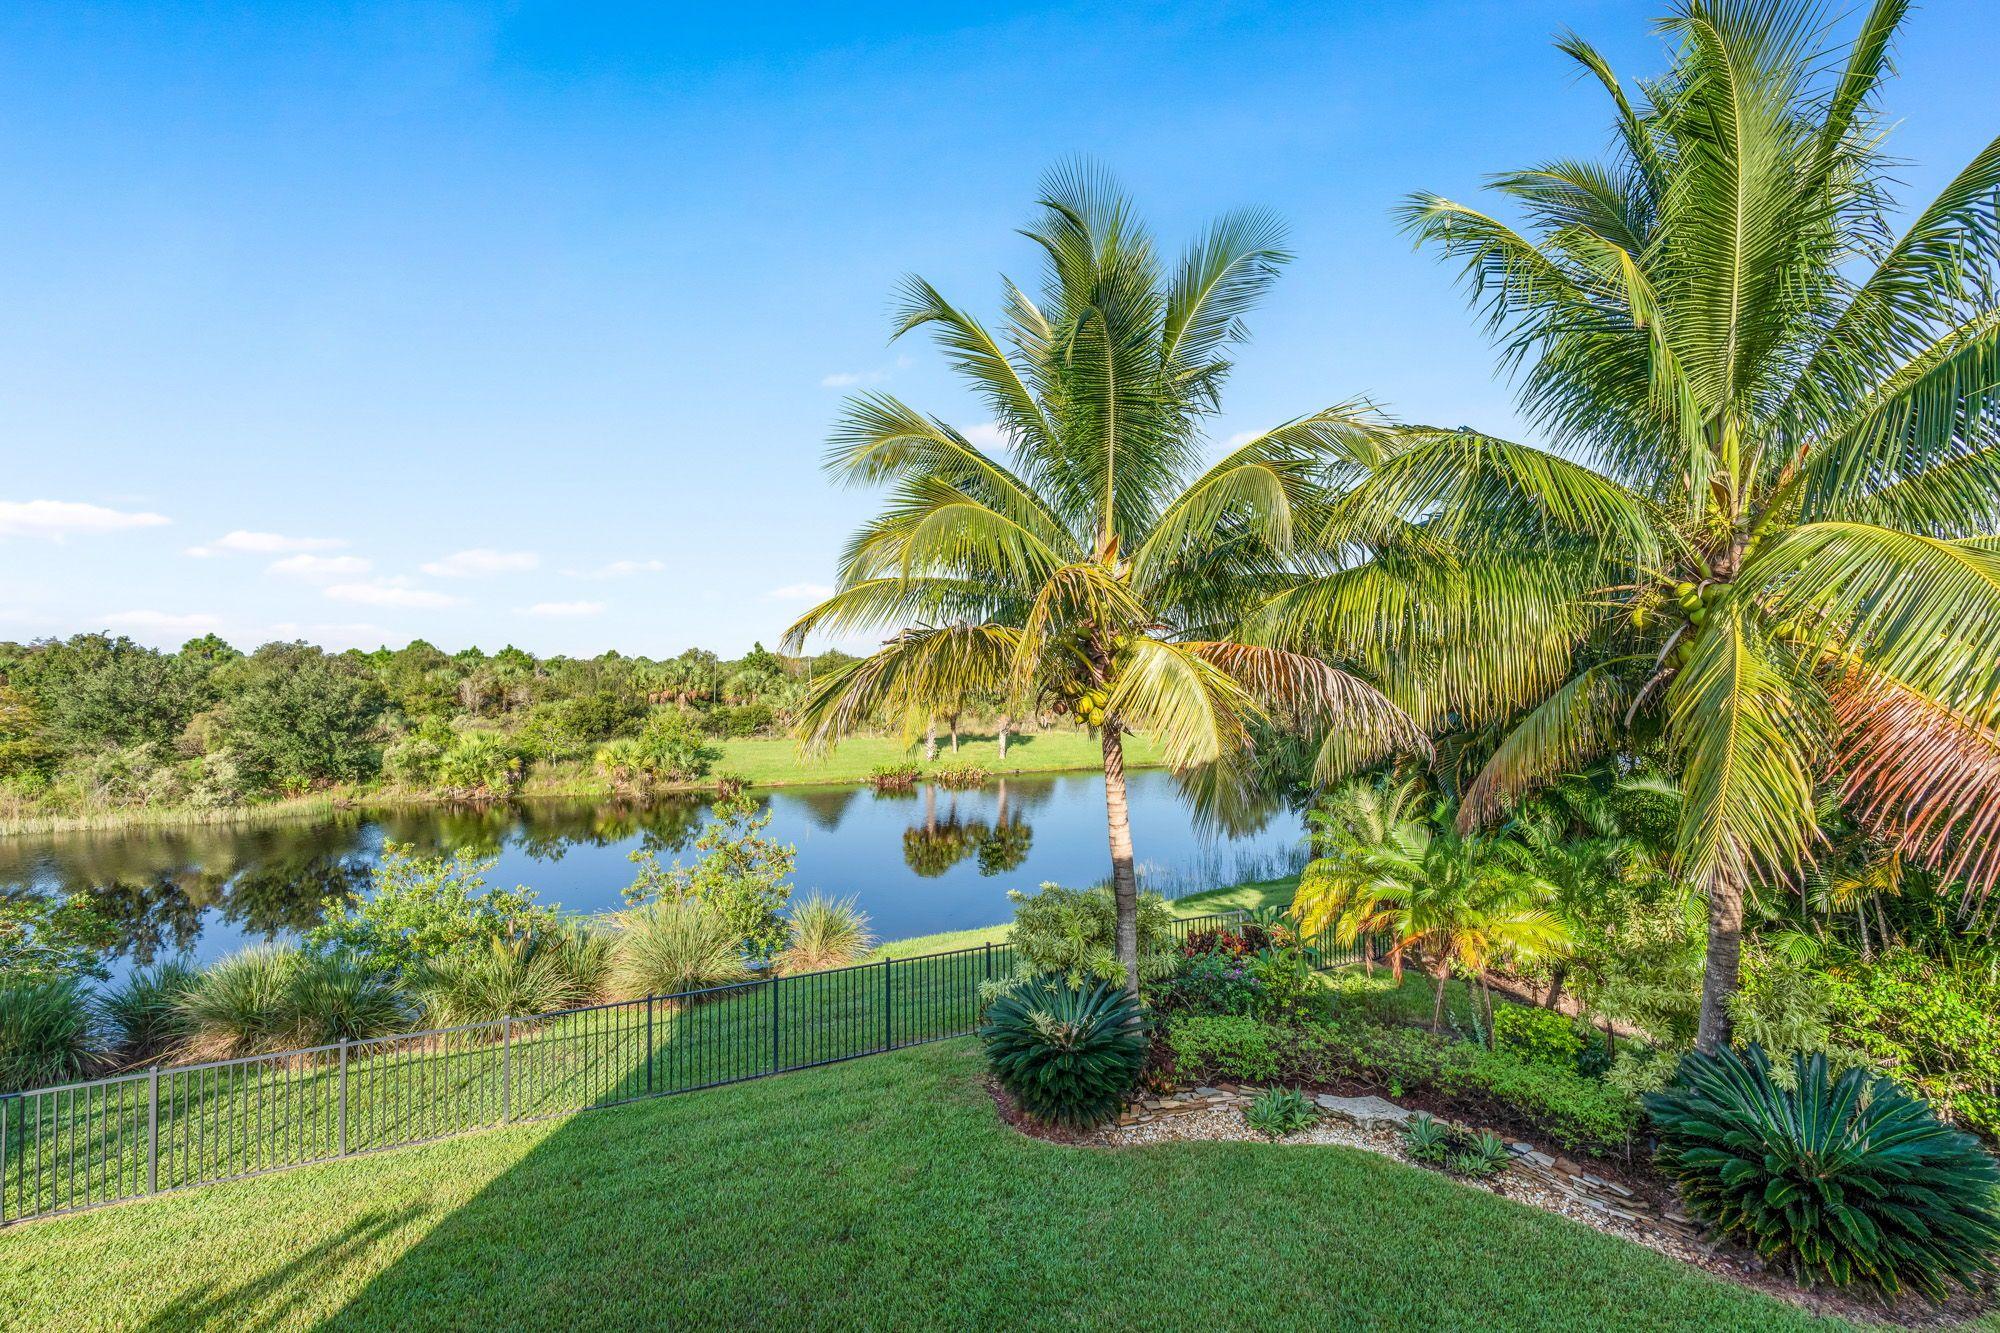 8f9988279cb6705f96e91b73ba743fc2 - Your Life Palm Beach Gardens Florida